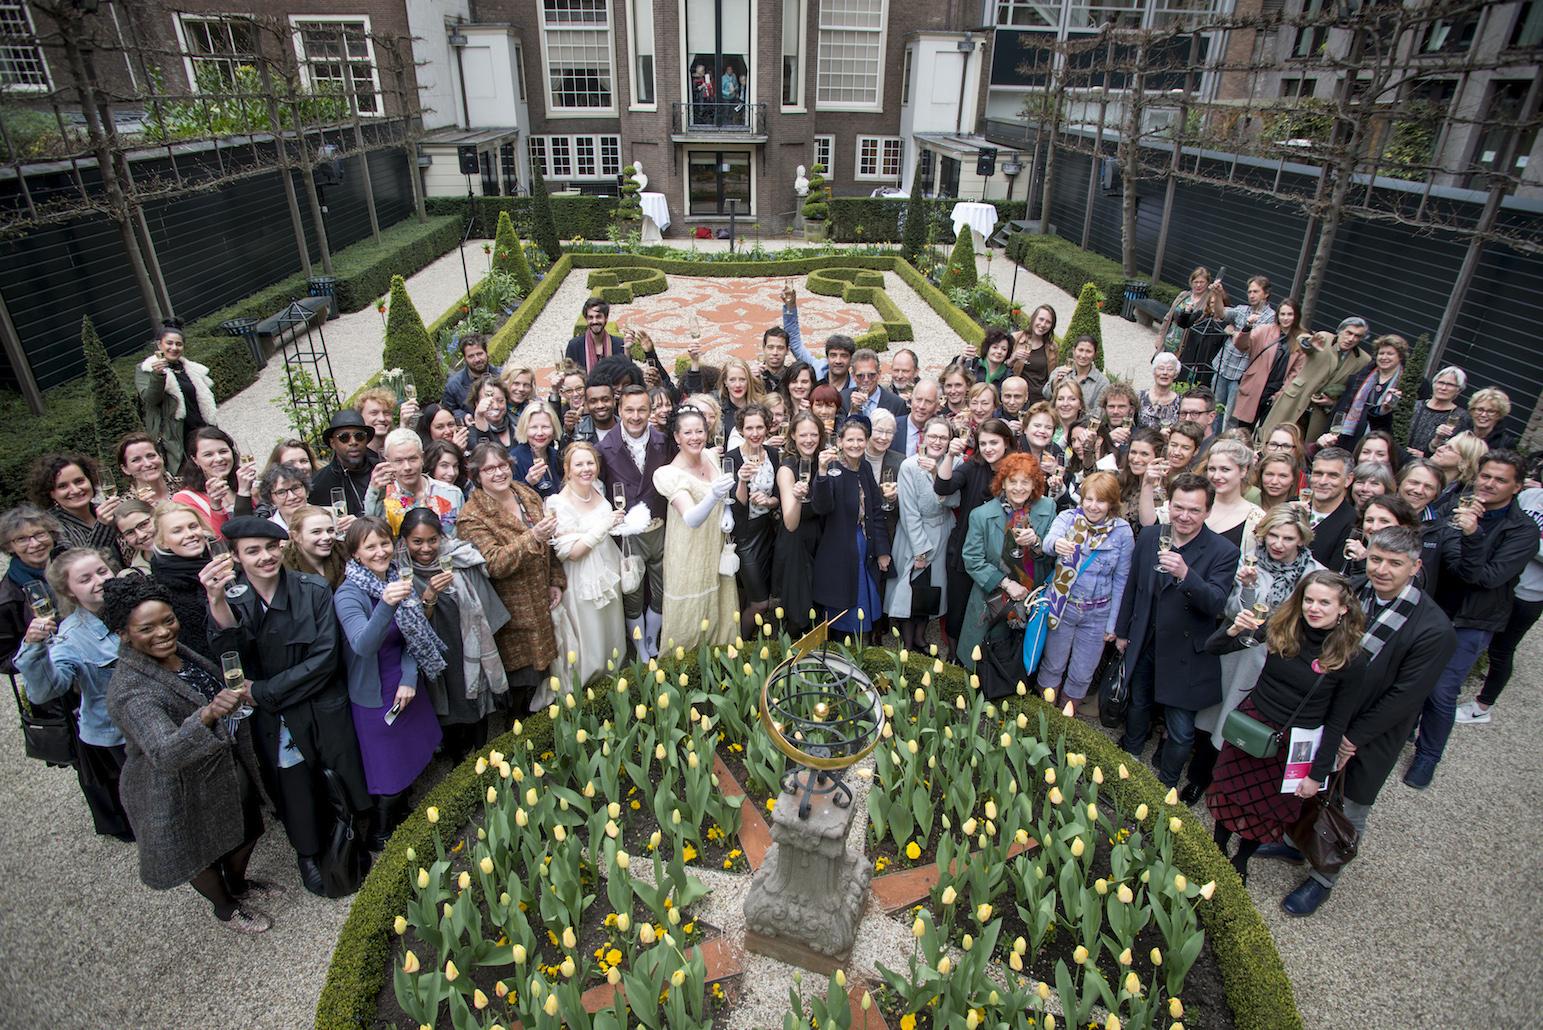 Modemuzen, Amsterdam, 22 april 2015. Foto met dank aan ModeMuze, Co de Kruijf/HH©